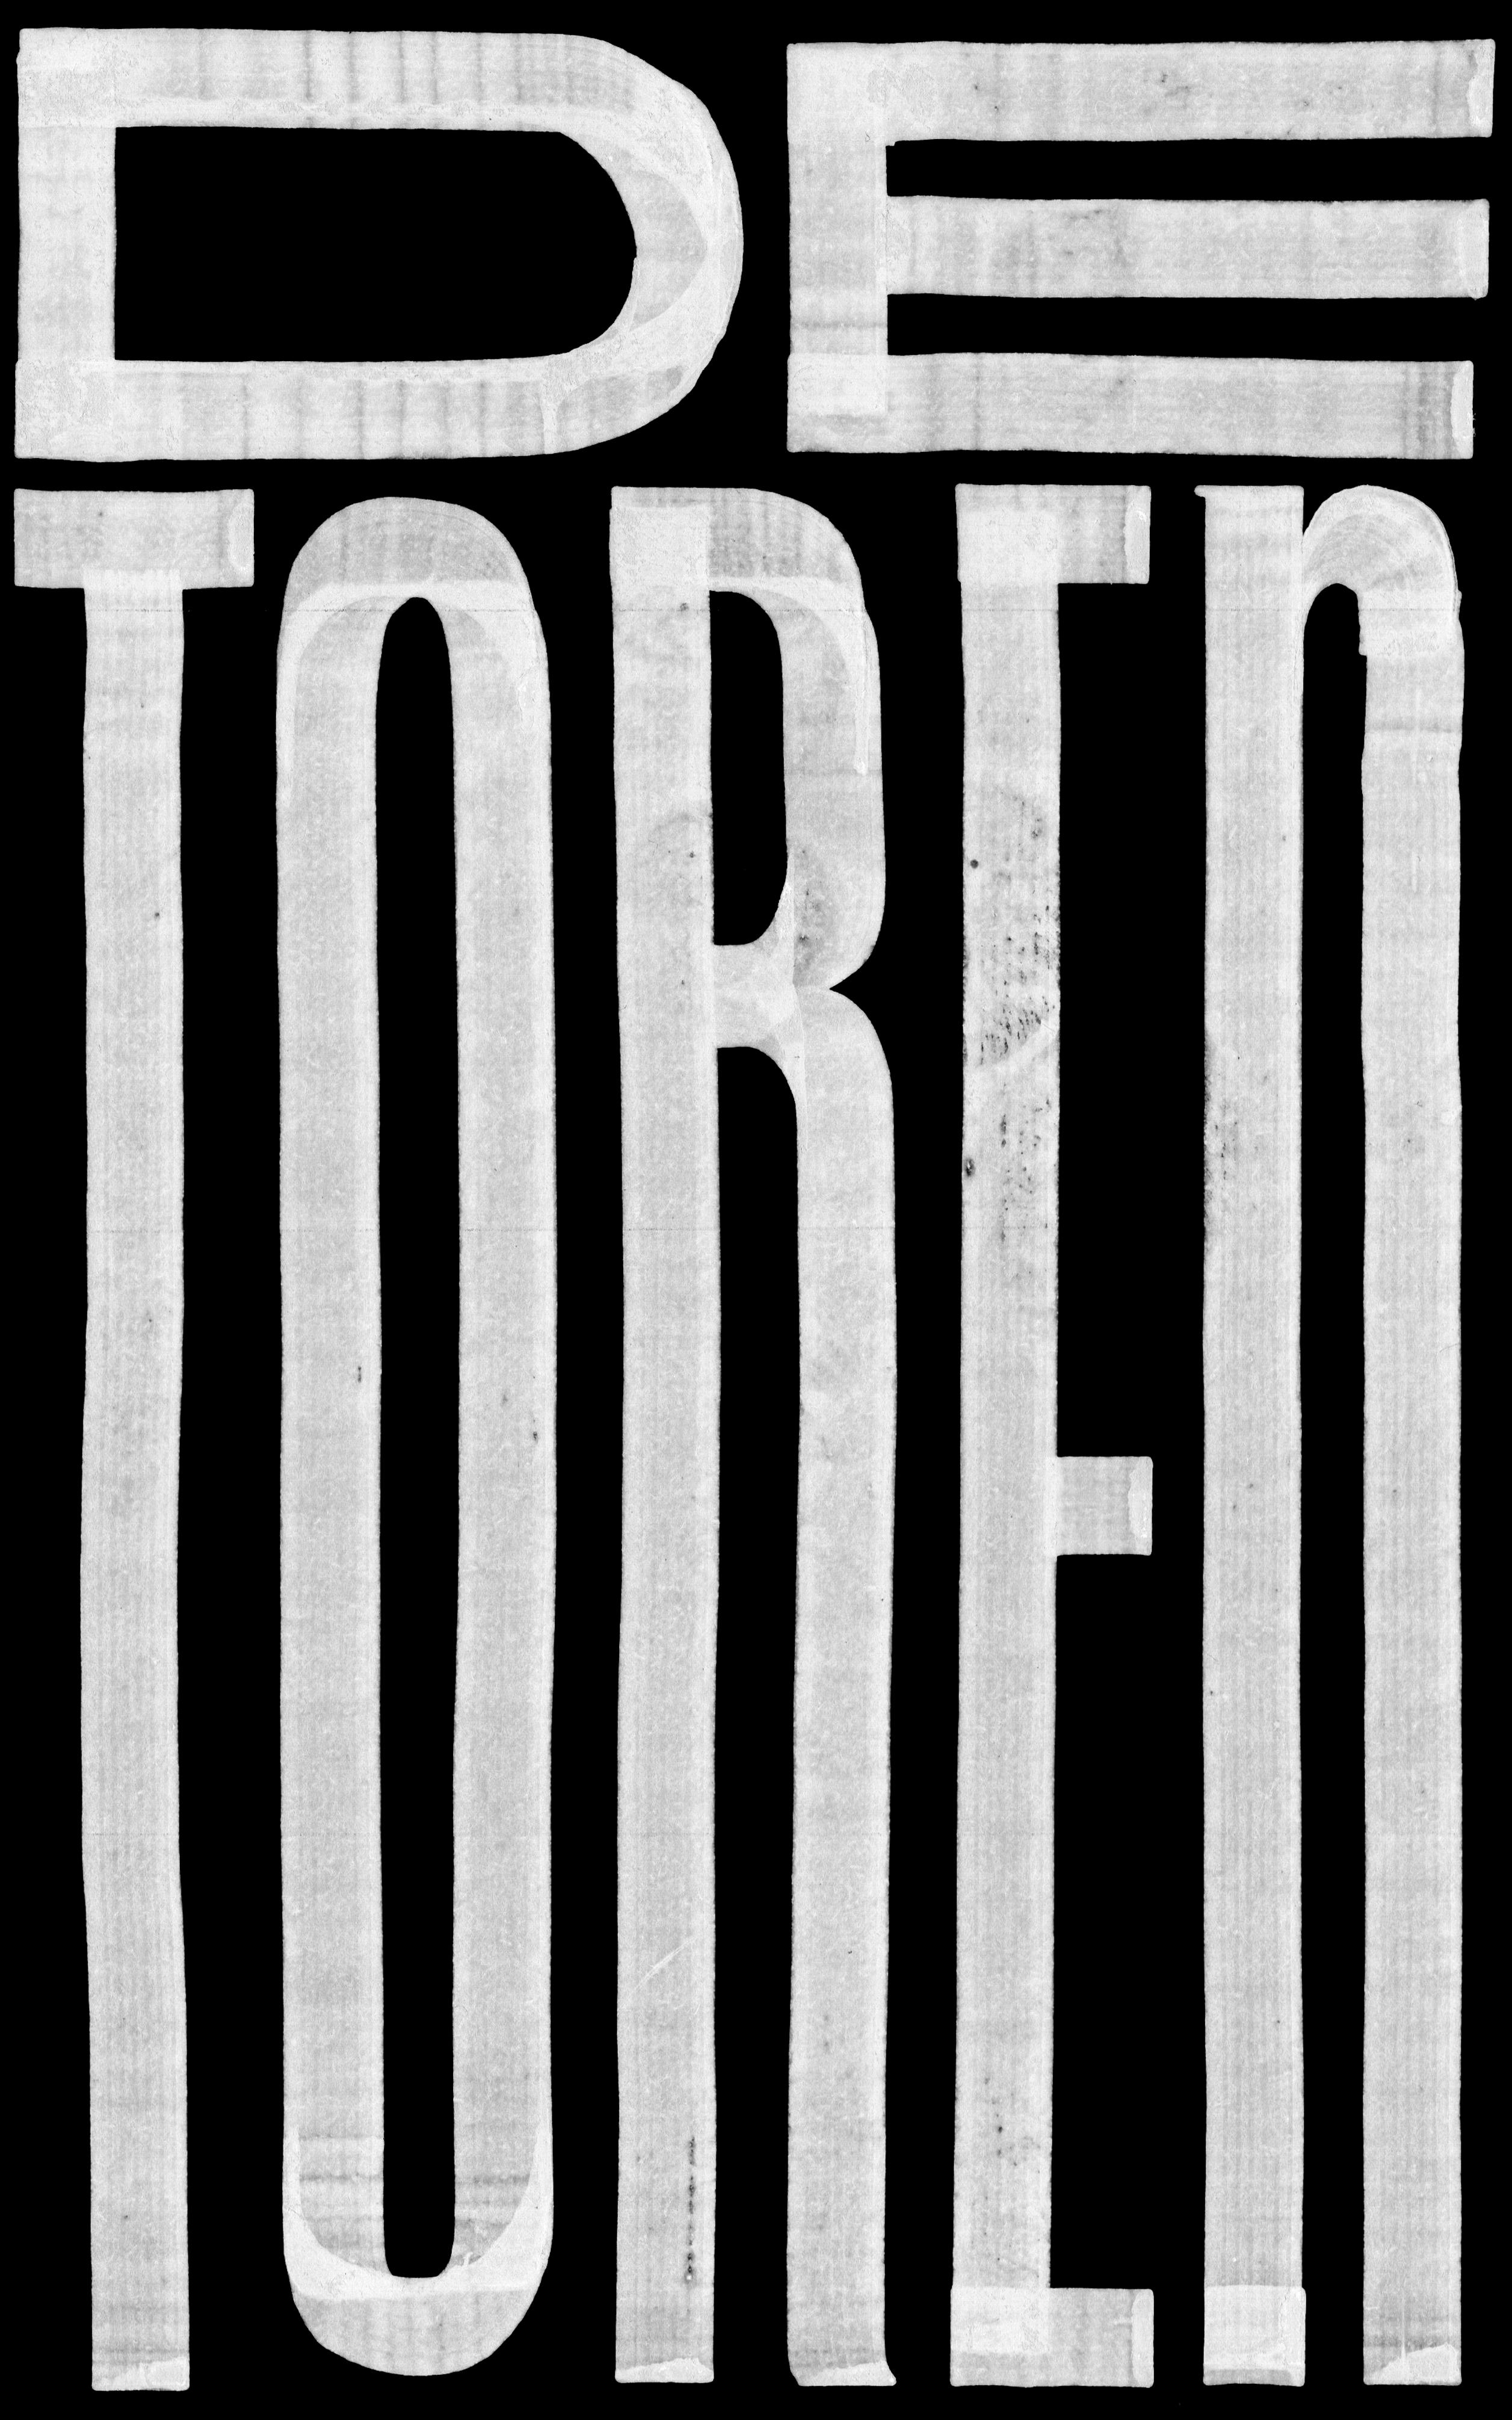 DeToren-logo-bw